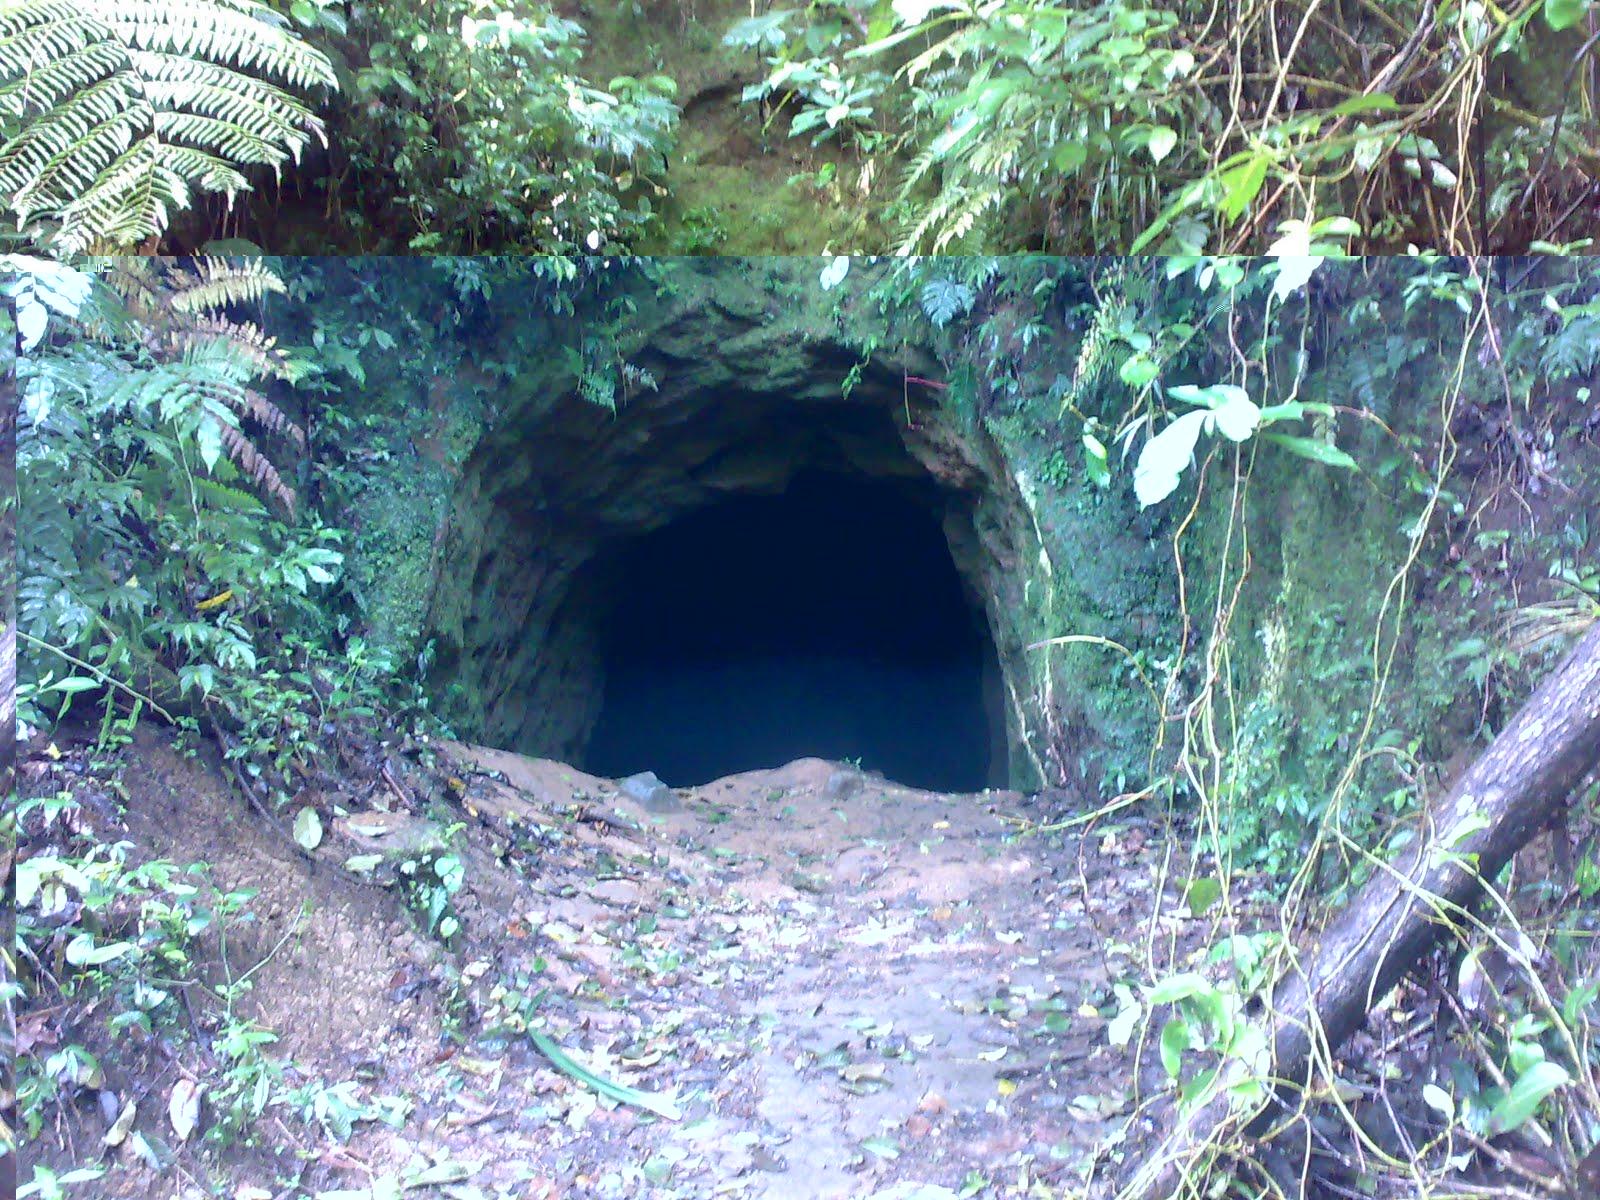 Goajepang Goa Jepang Cangar Kota Wisata Batu Tidak Dikenal Sejarahnya